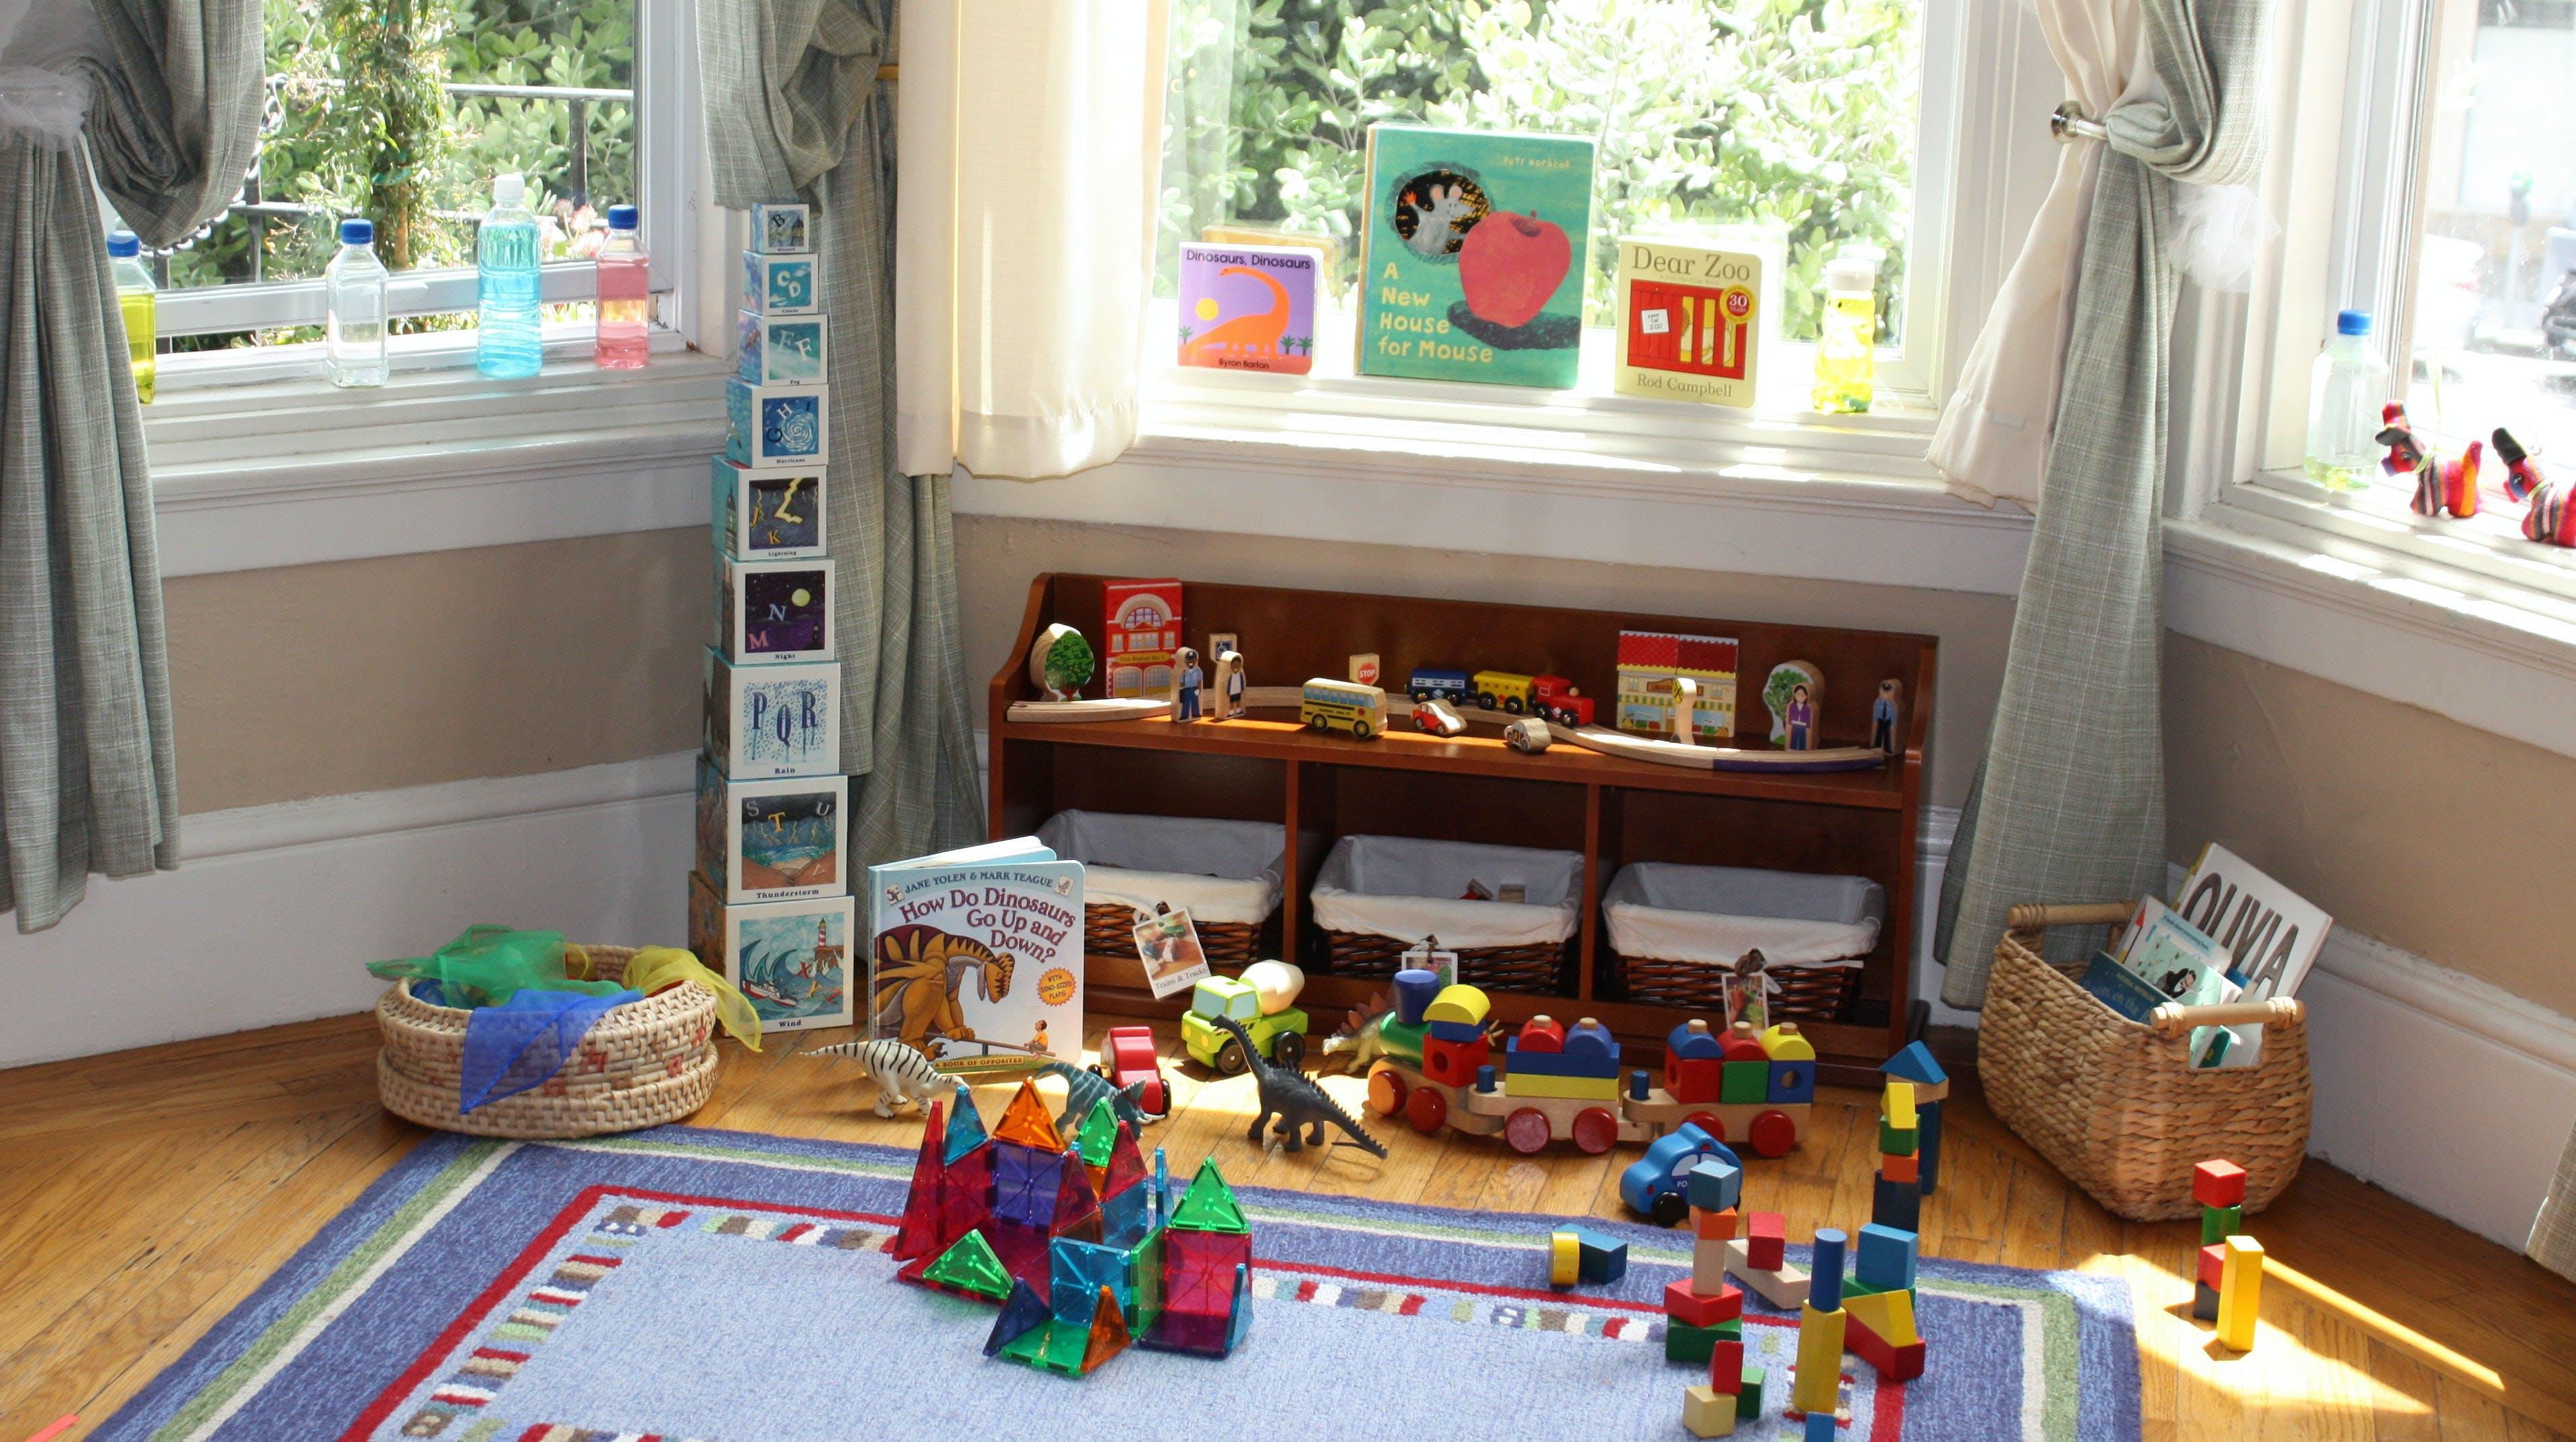 Childrens Garden Daycare in San Francisco Parent Reviews on Winnie